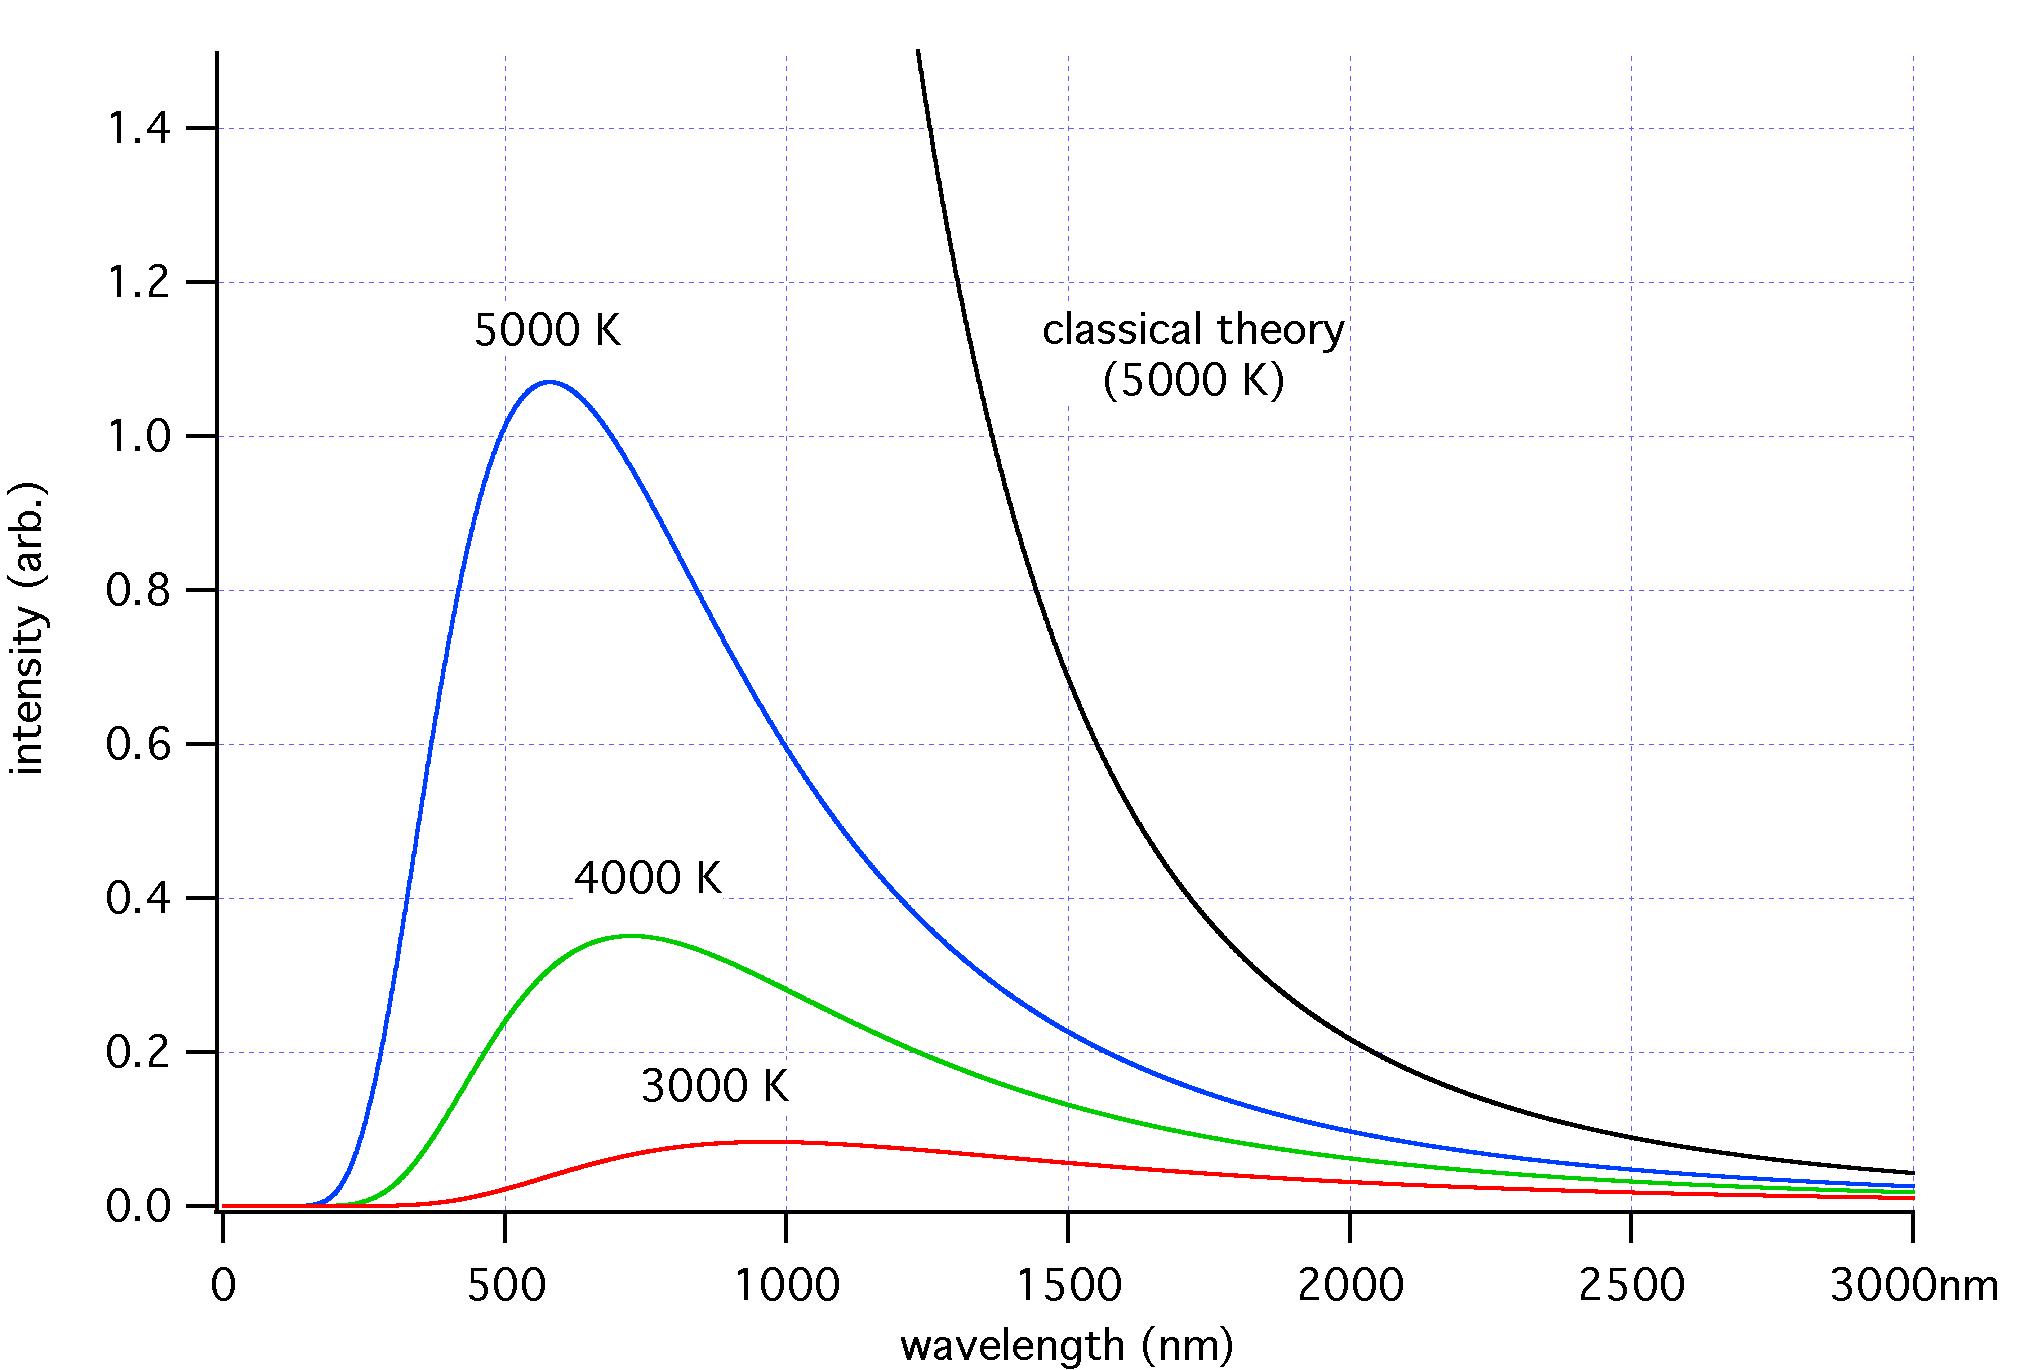 Exemples de spectres de corps noir, sur un diagramme de l'énergie en fonction de la longueur d'onde. Quand la température est élevée, le pic de la courbe se déplace vers les courtes longueurs d'ondes, et inversement pour les plus basses températures. La courbe en noir indique la prédiction de la théorie dite classique, par opposition à la théorie quantique, qui seule prédit la forme correcte des courbes effectivement observées - Wikimedia Commons